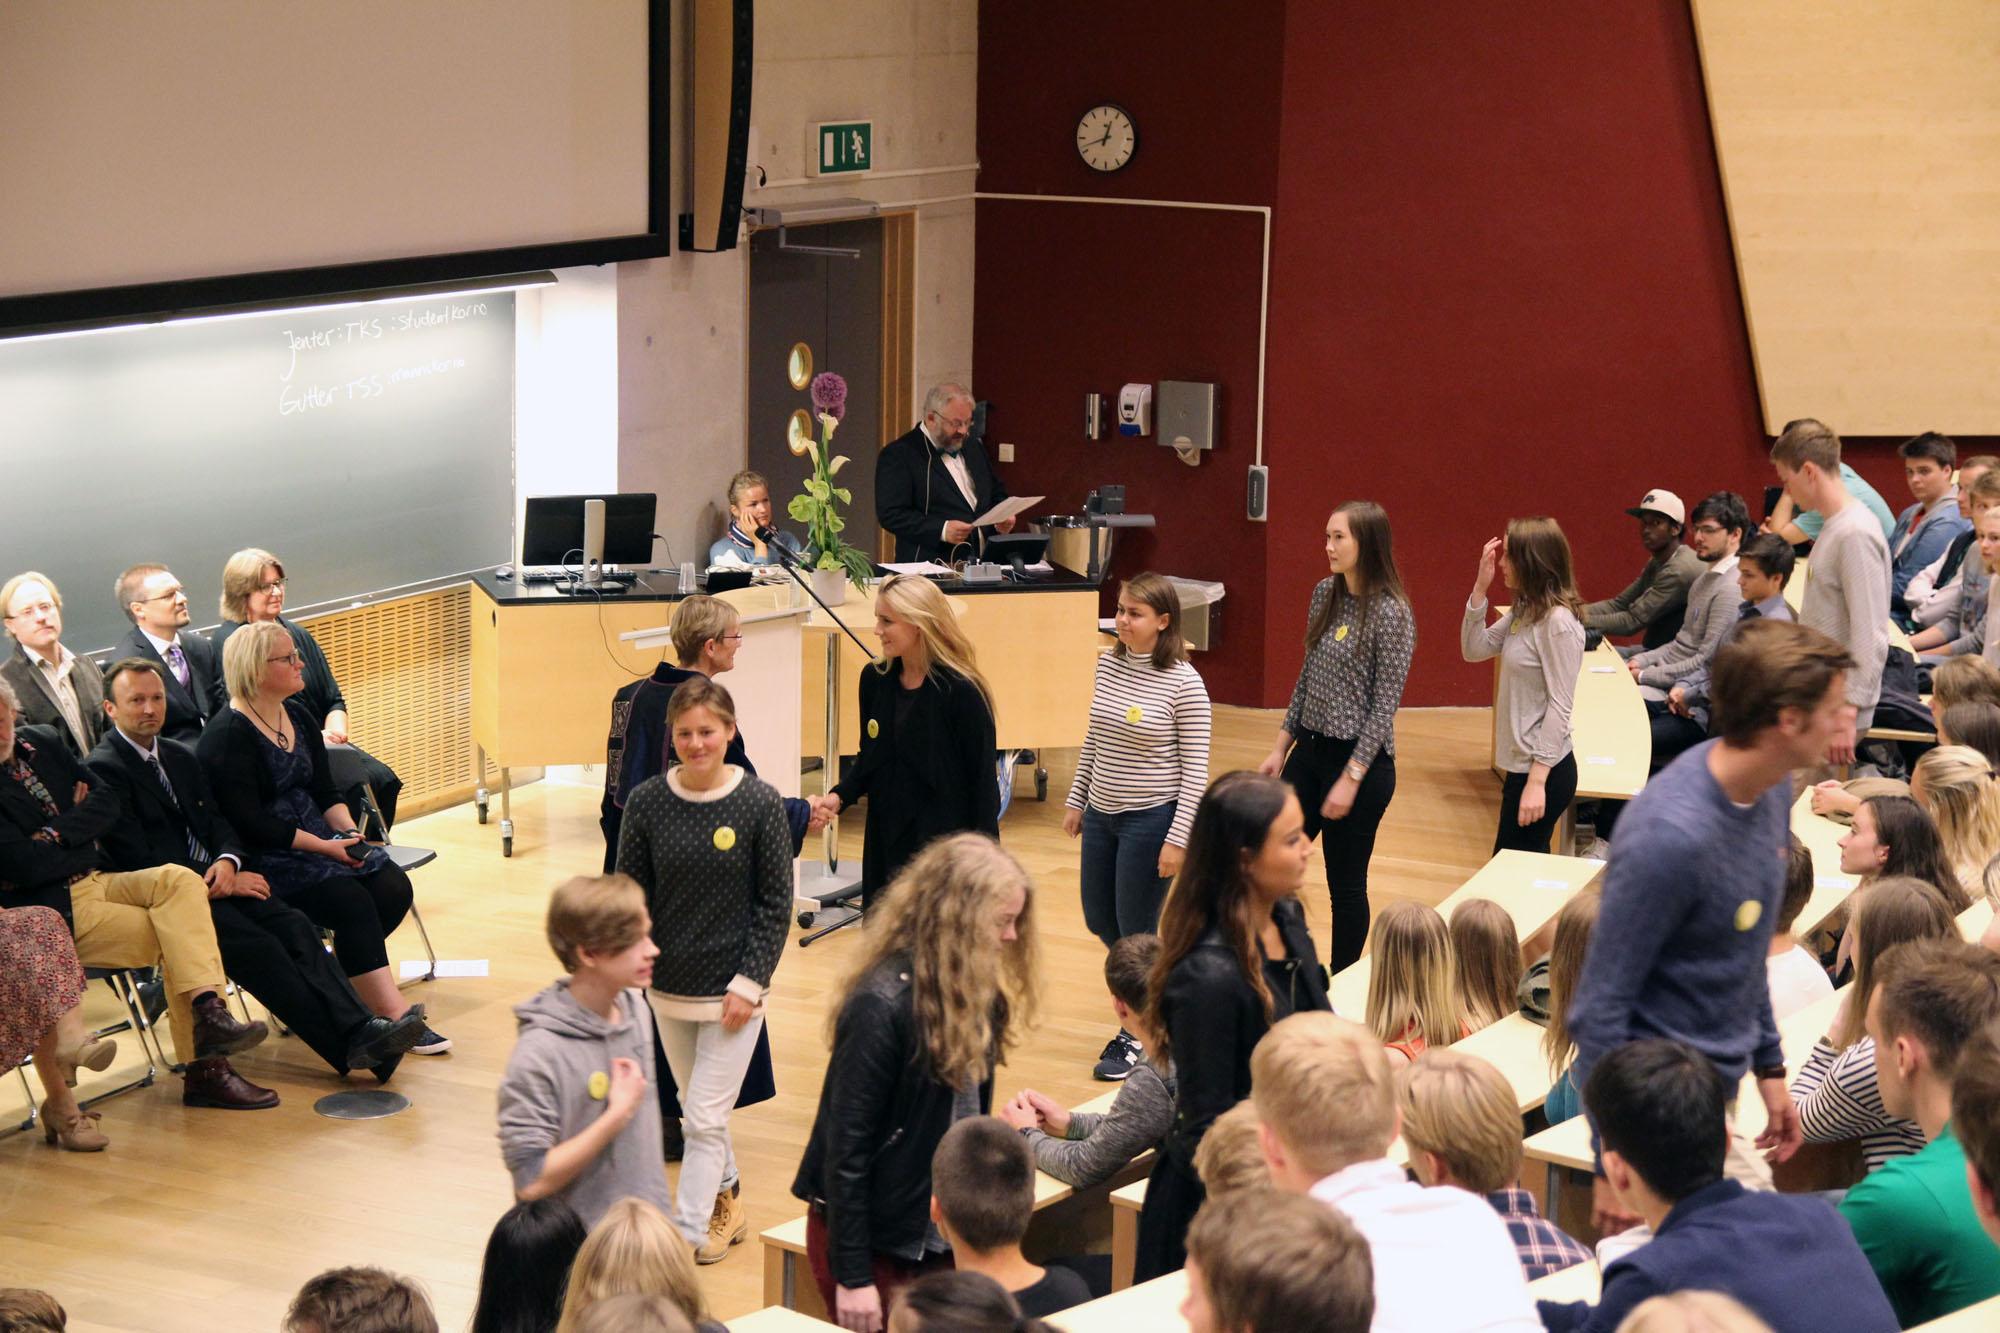 Immatrikuleringen er en høytidelig seremoni hvor alle studentene blir ropt opp ved navn, og håndhilser på en representant for fakultetsledelsen. Foto: Pernille Feilberg / NTNU